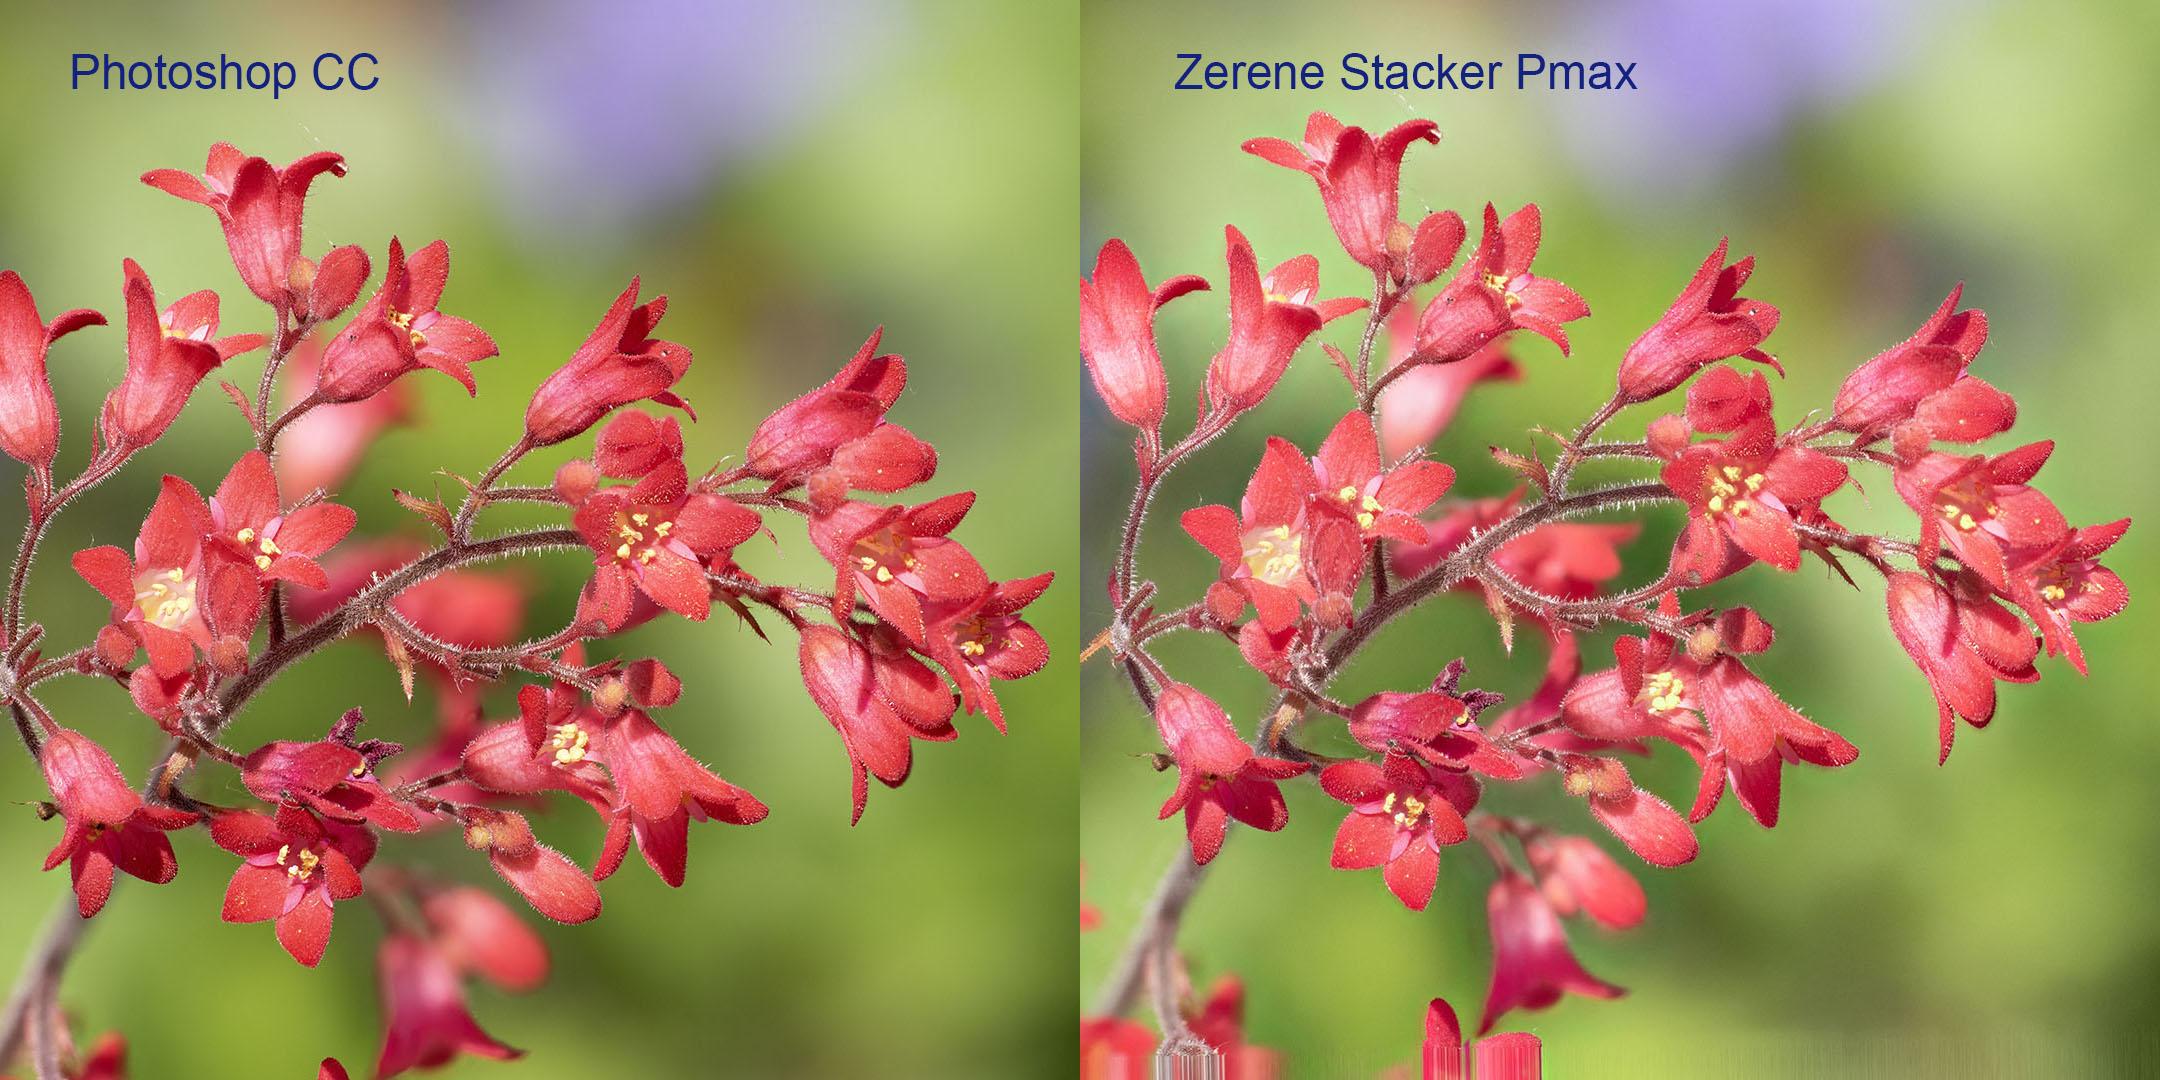 Vergleich Photoshop-Zerene Stacker Modus Pmax